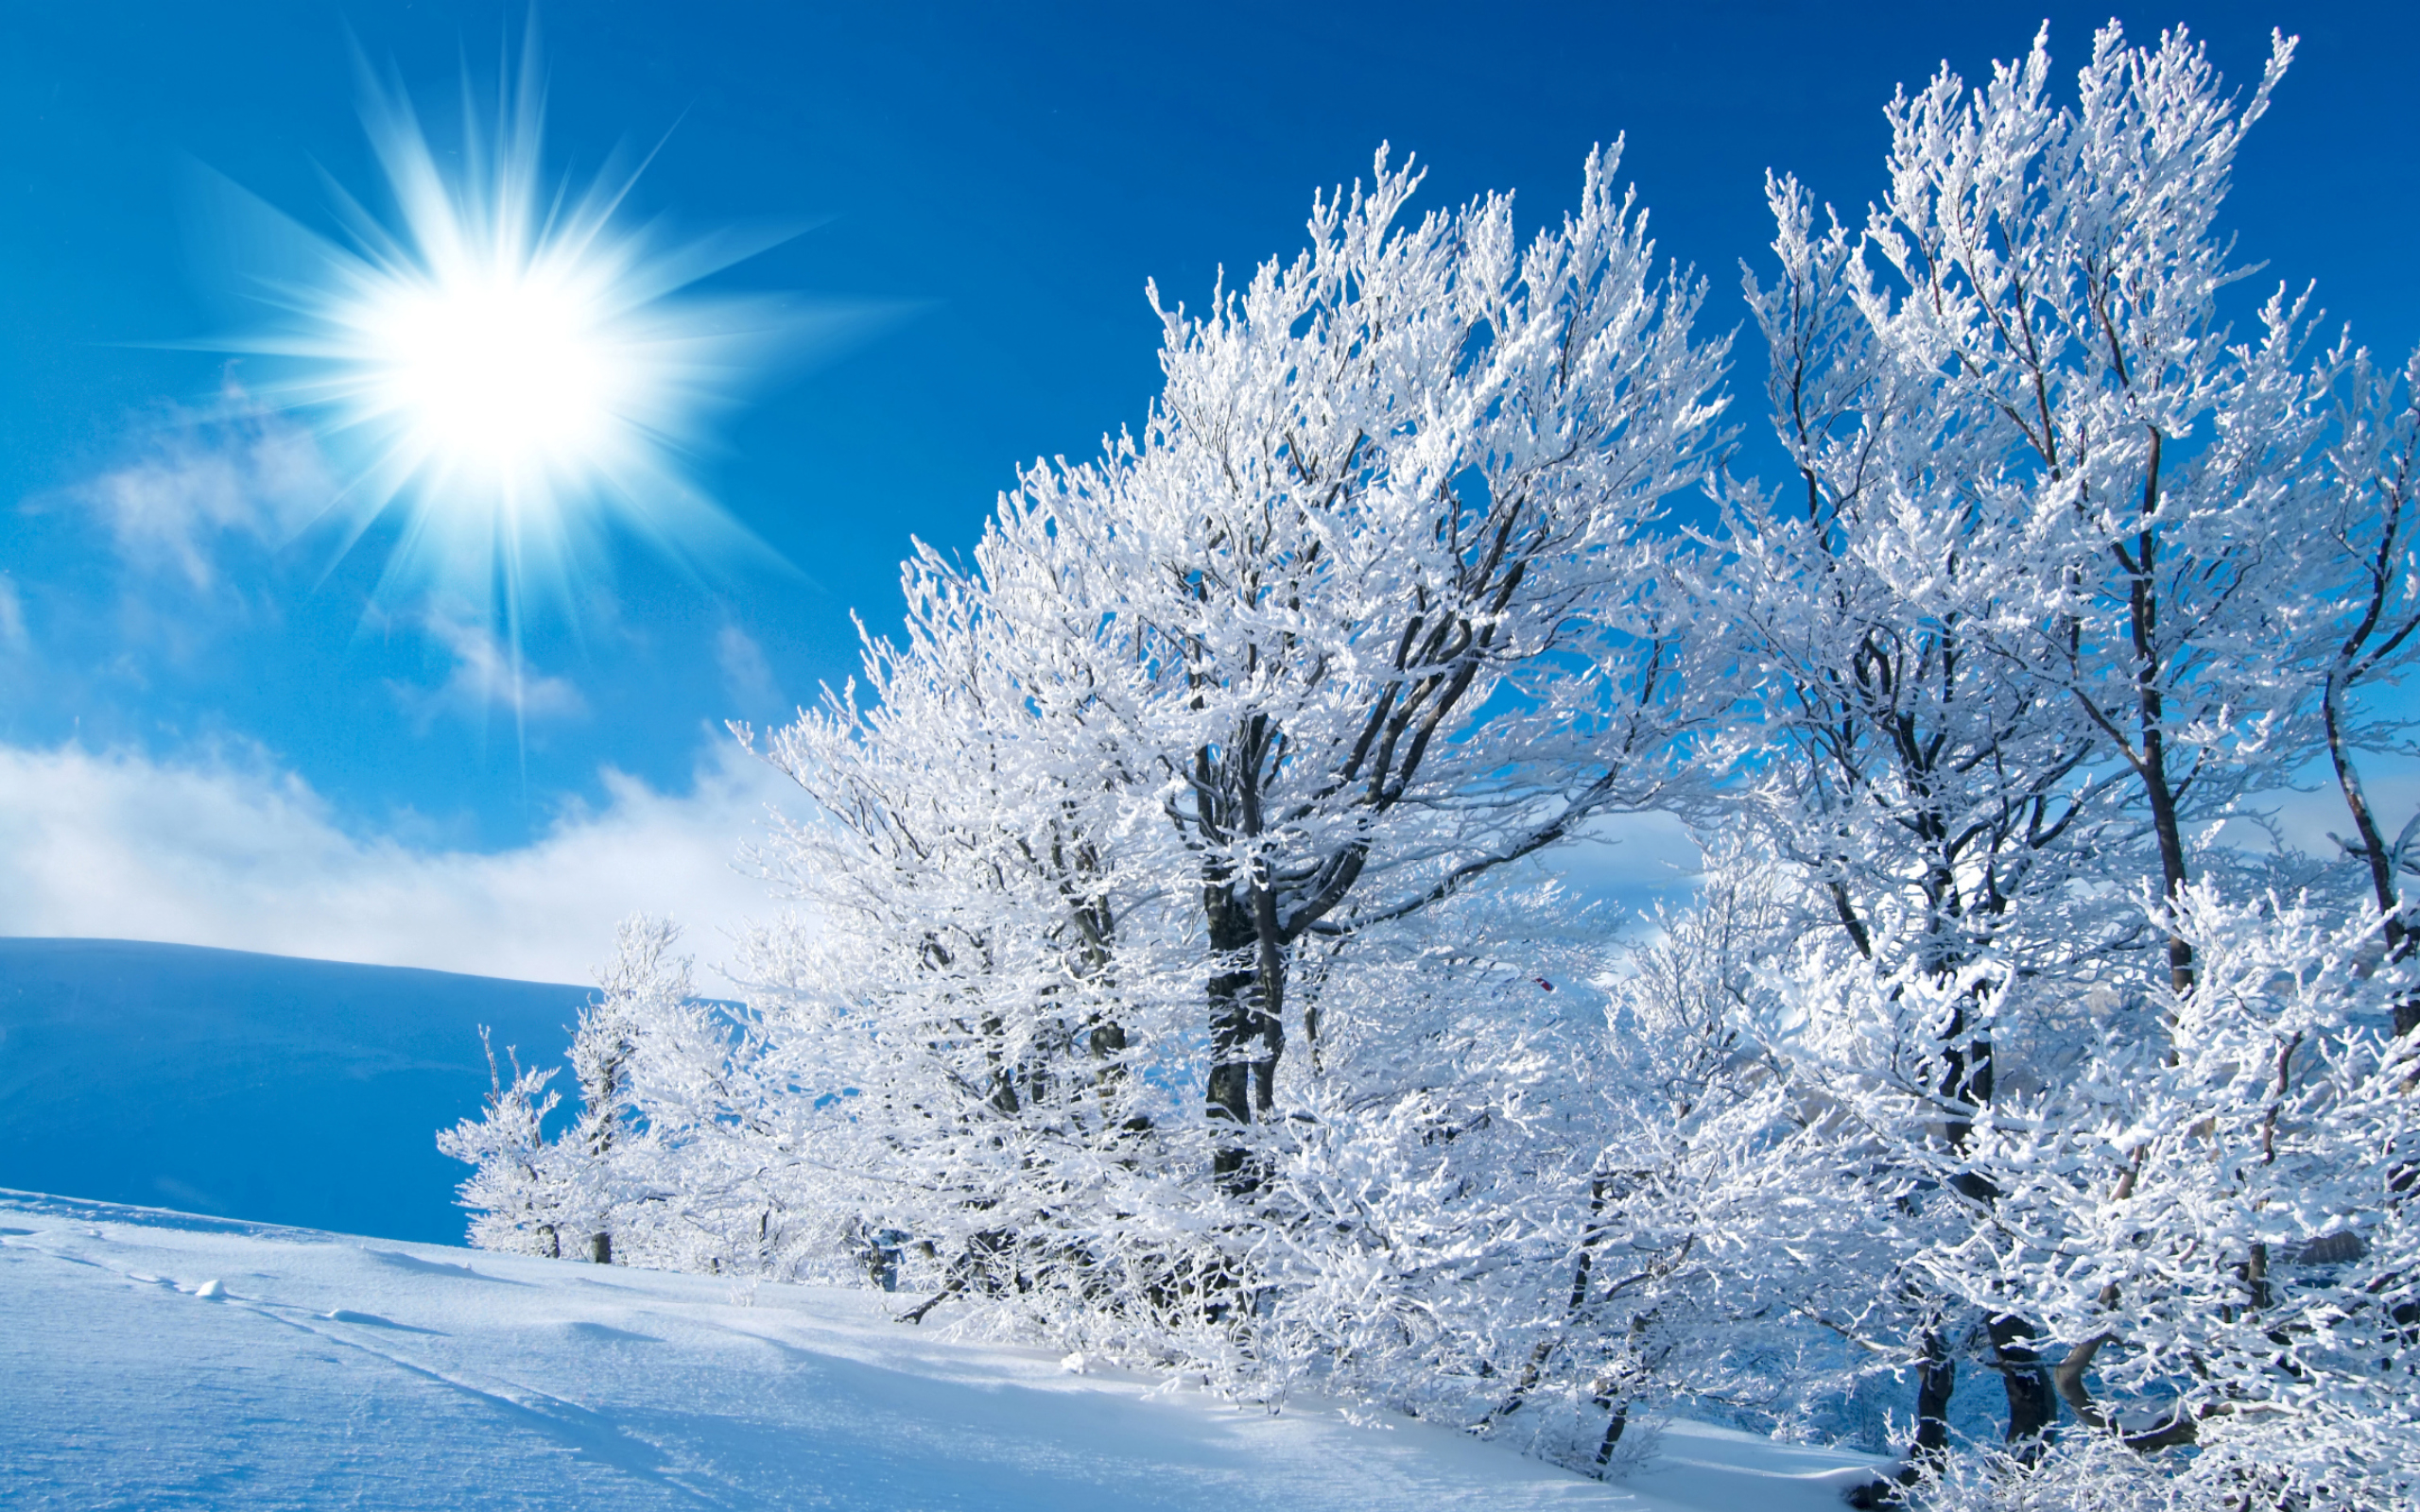 Winter Sun   Wallpaper High Definition High Quality Widescreen 2560x1600